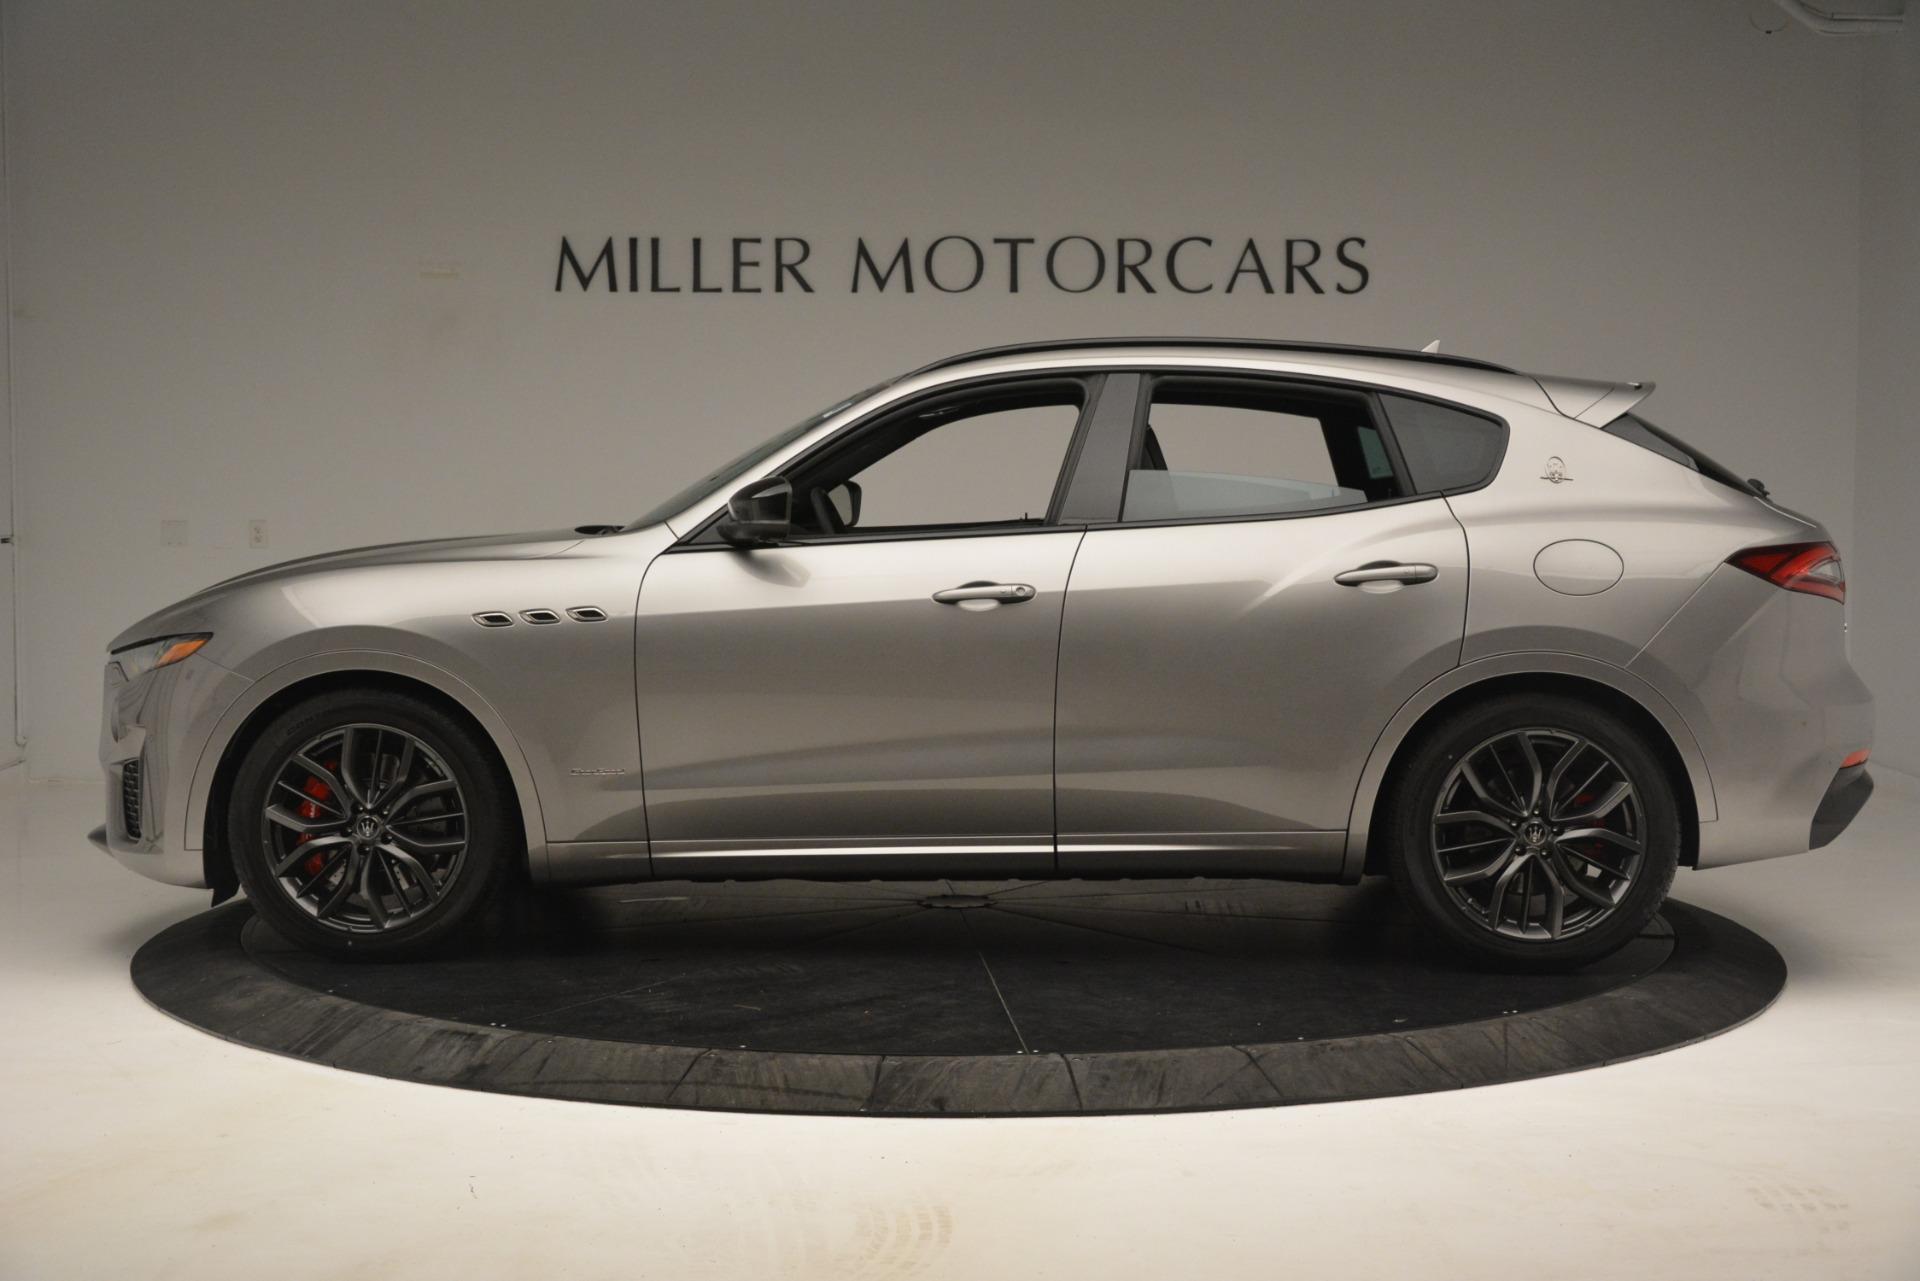 New 2019 Maserati Levante SQ4 GranSport Nerissimo For Sale In Greenwich, CT. Alfa Romeo of Greenwich, M2306 3177_p3